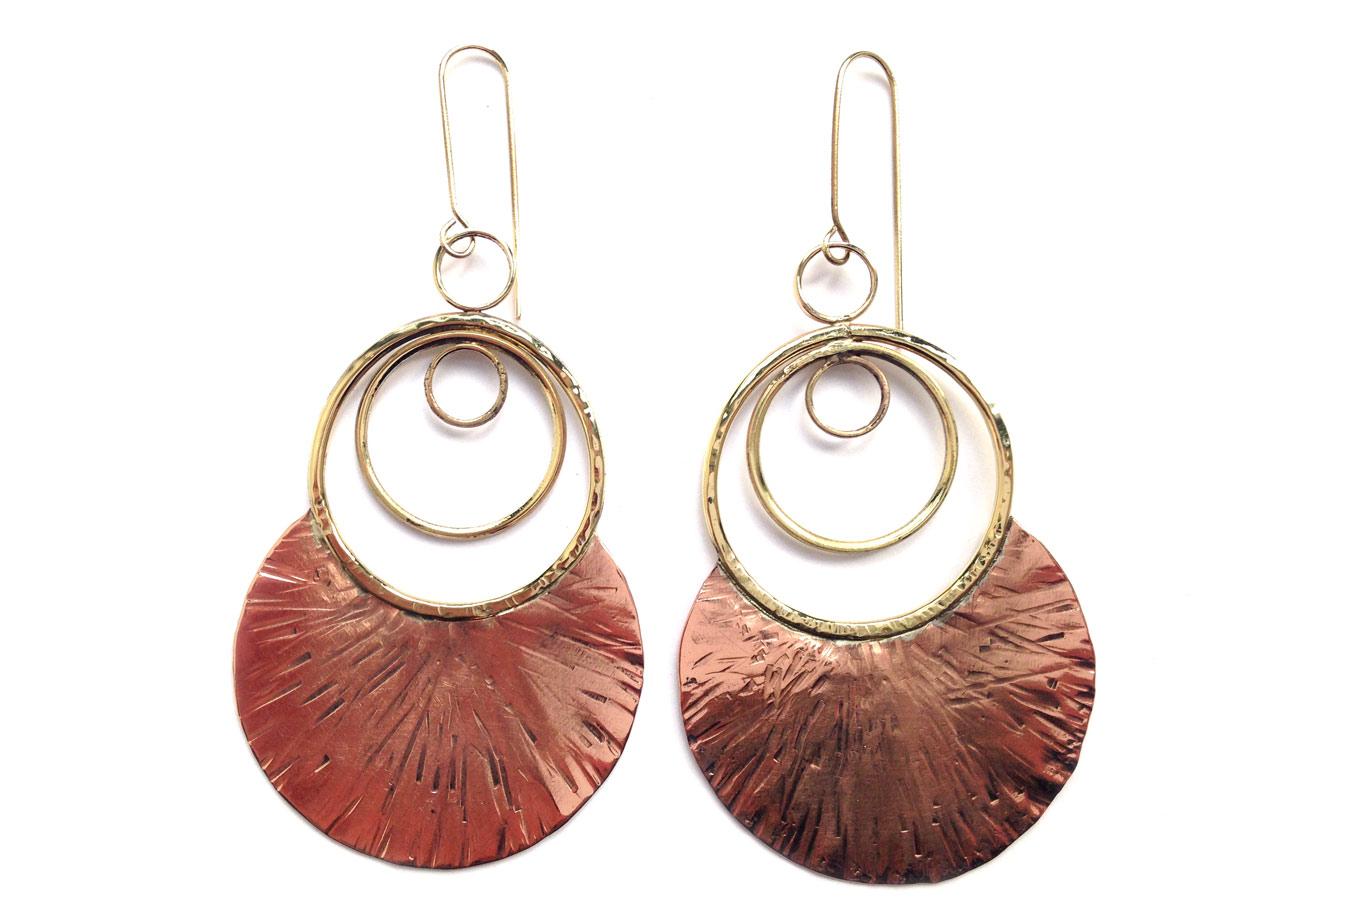 Boucles d'oreilles cuivre martelé et laiton